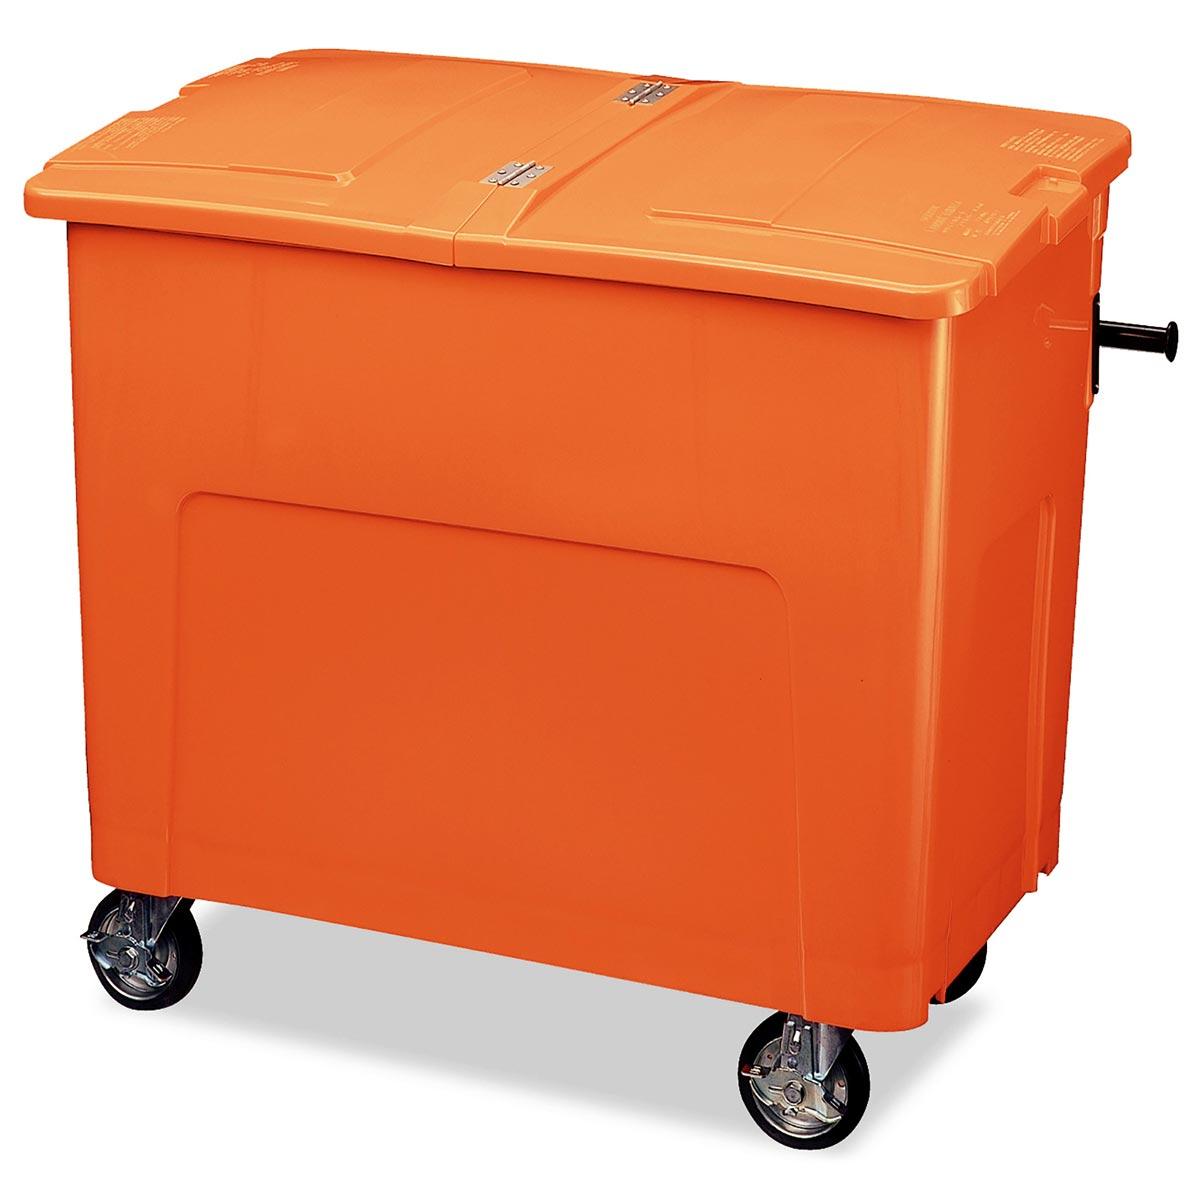 テラモト リサイクルカートアウトバー 0.6(約600L) オレンジ (代引不可) DS-224-060-7